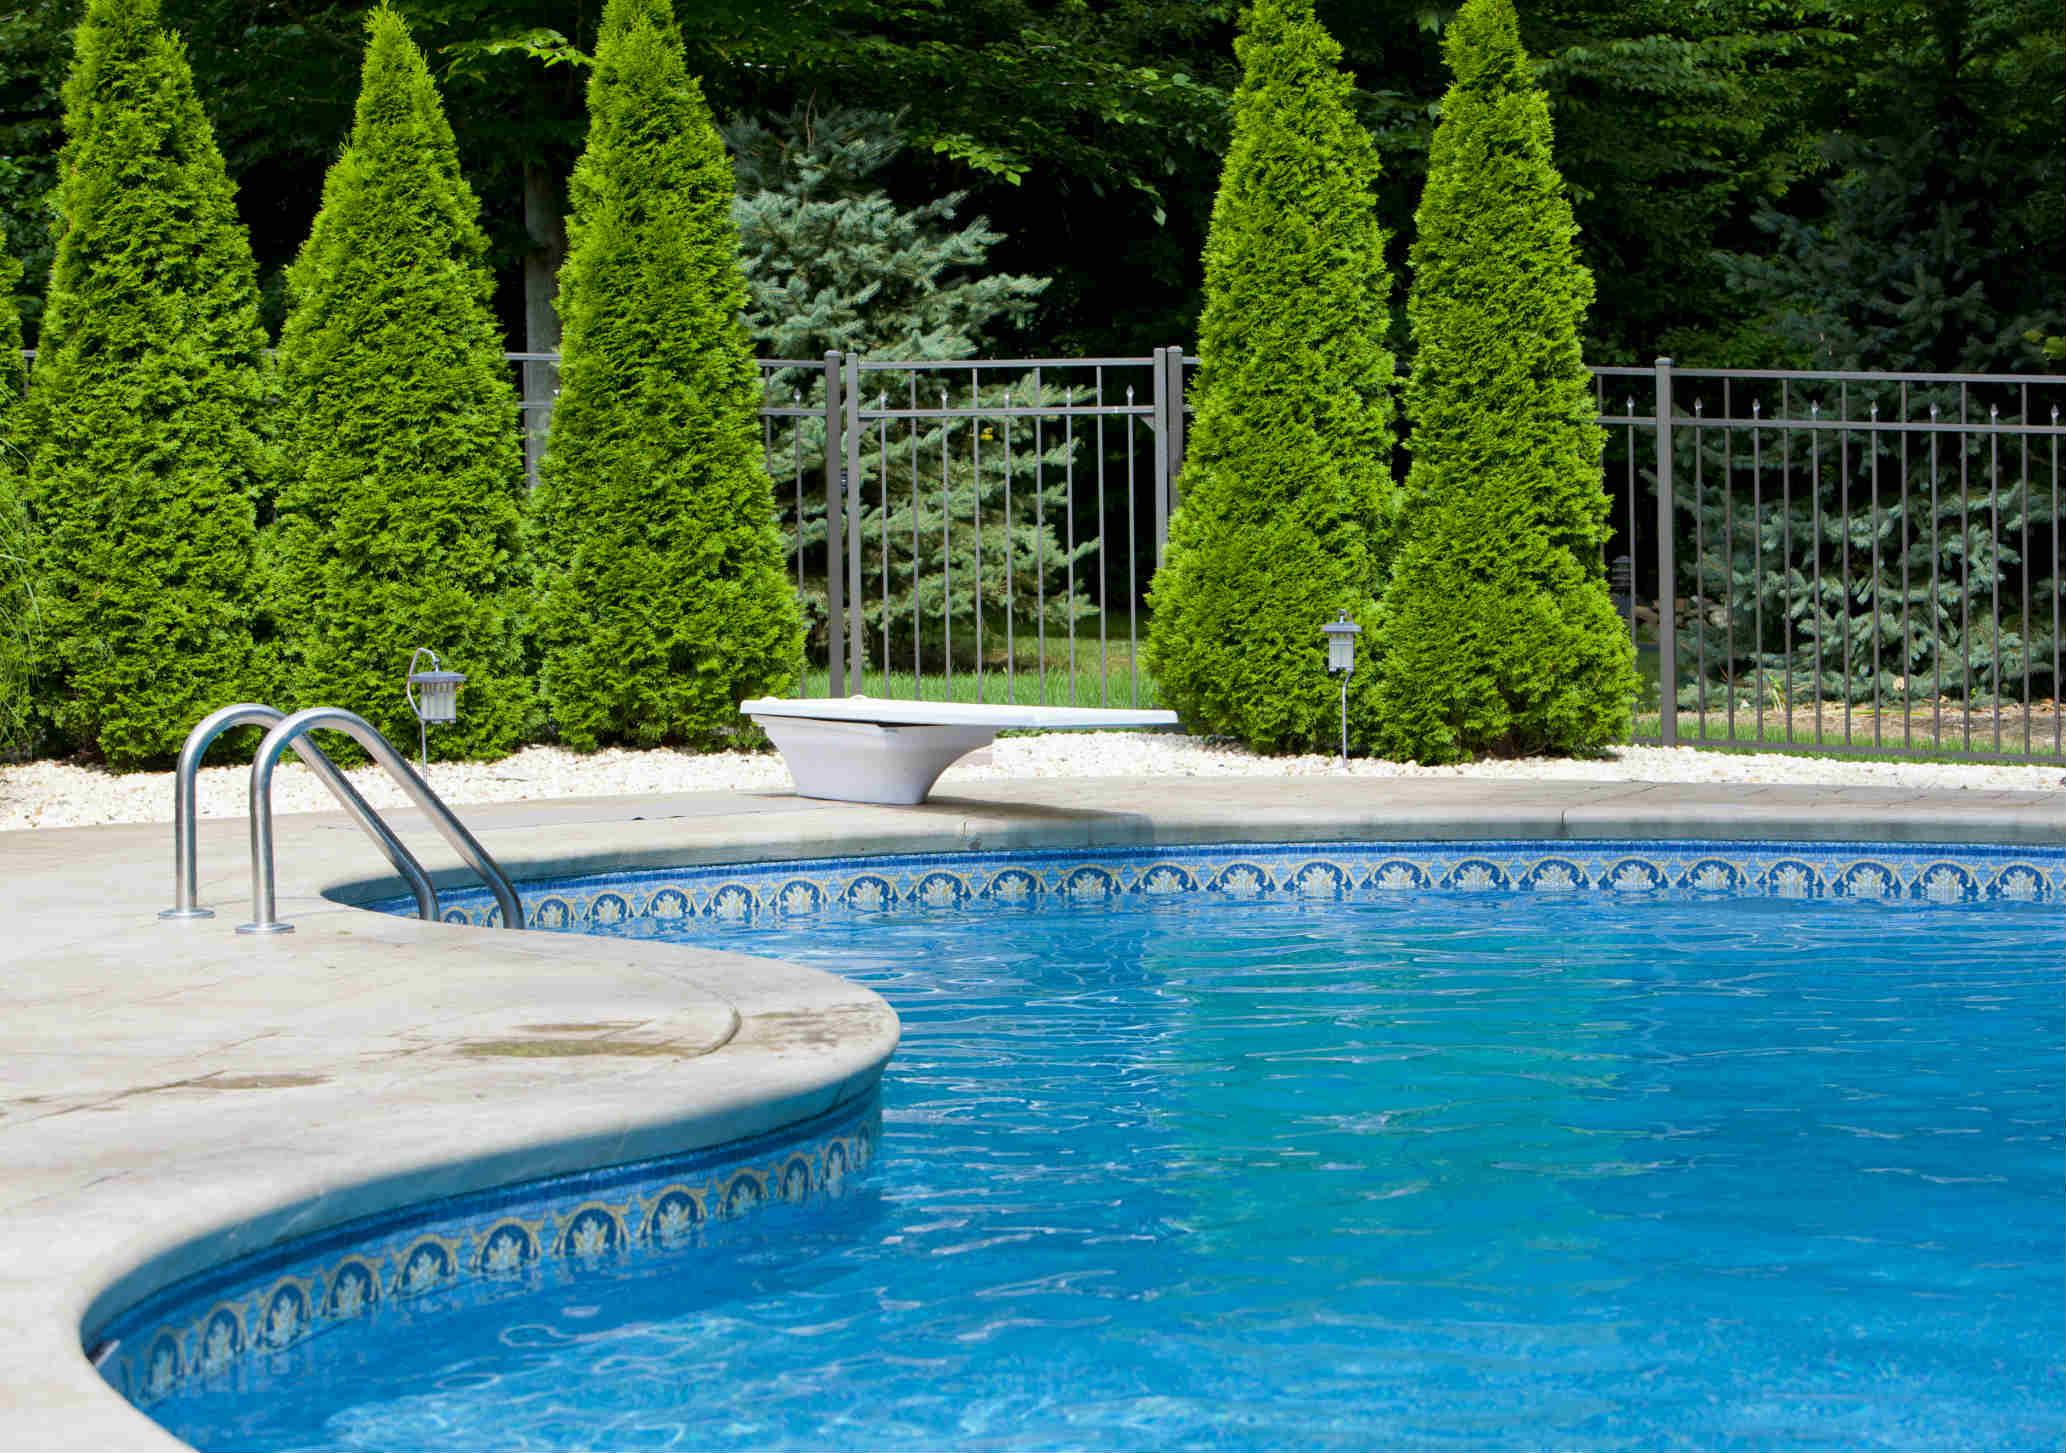 M & M Pool & Spa